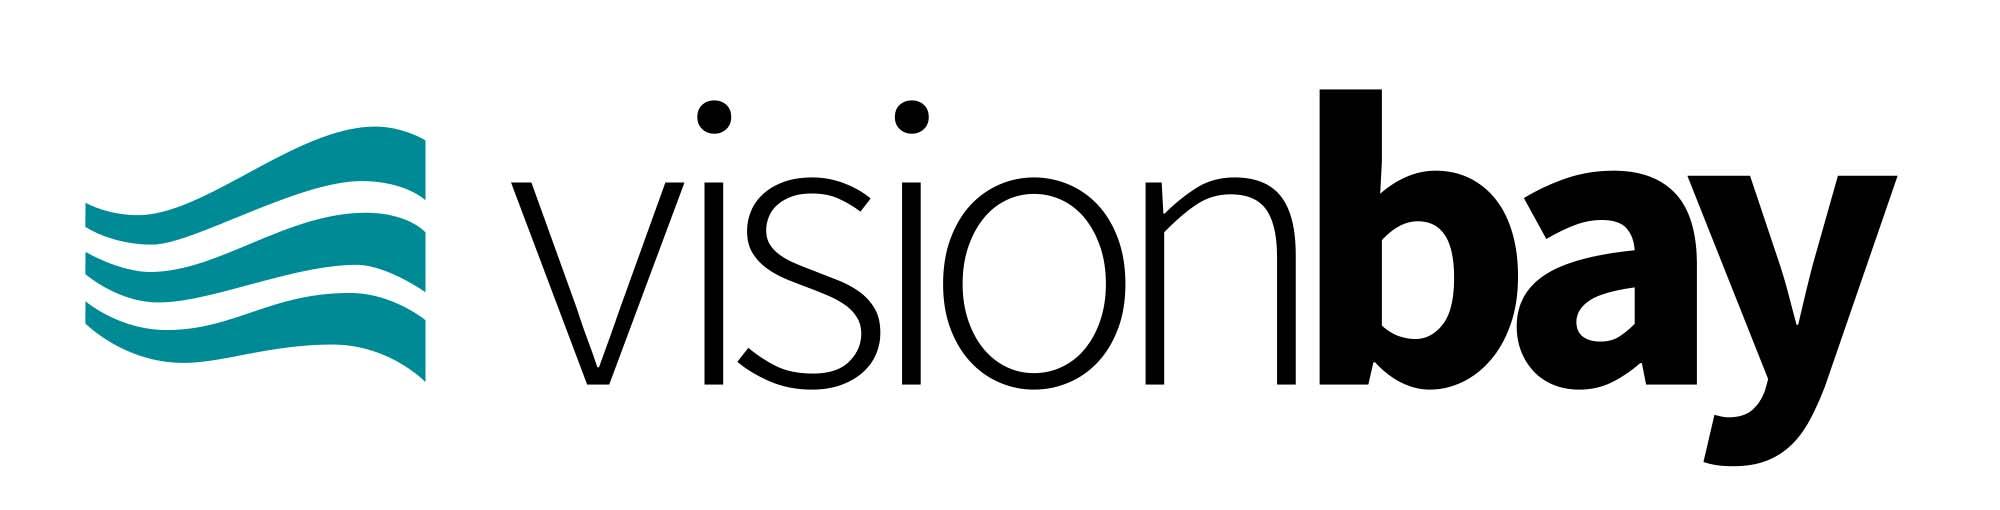 IDS visionbay Umfrage